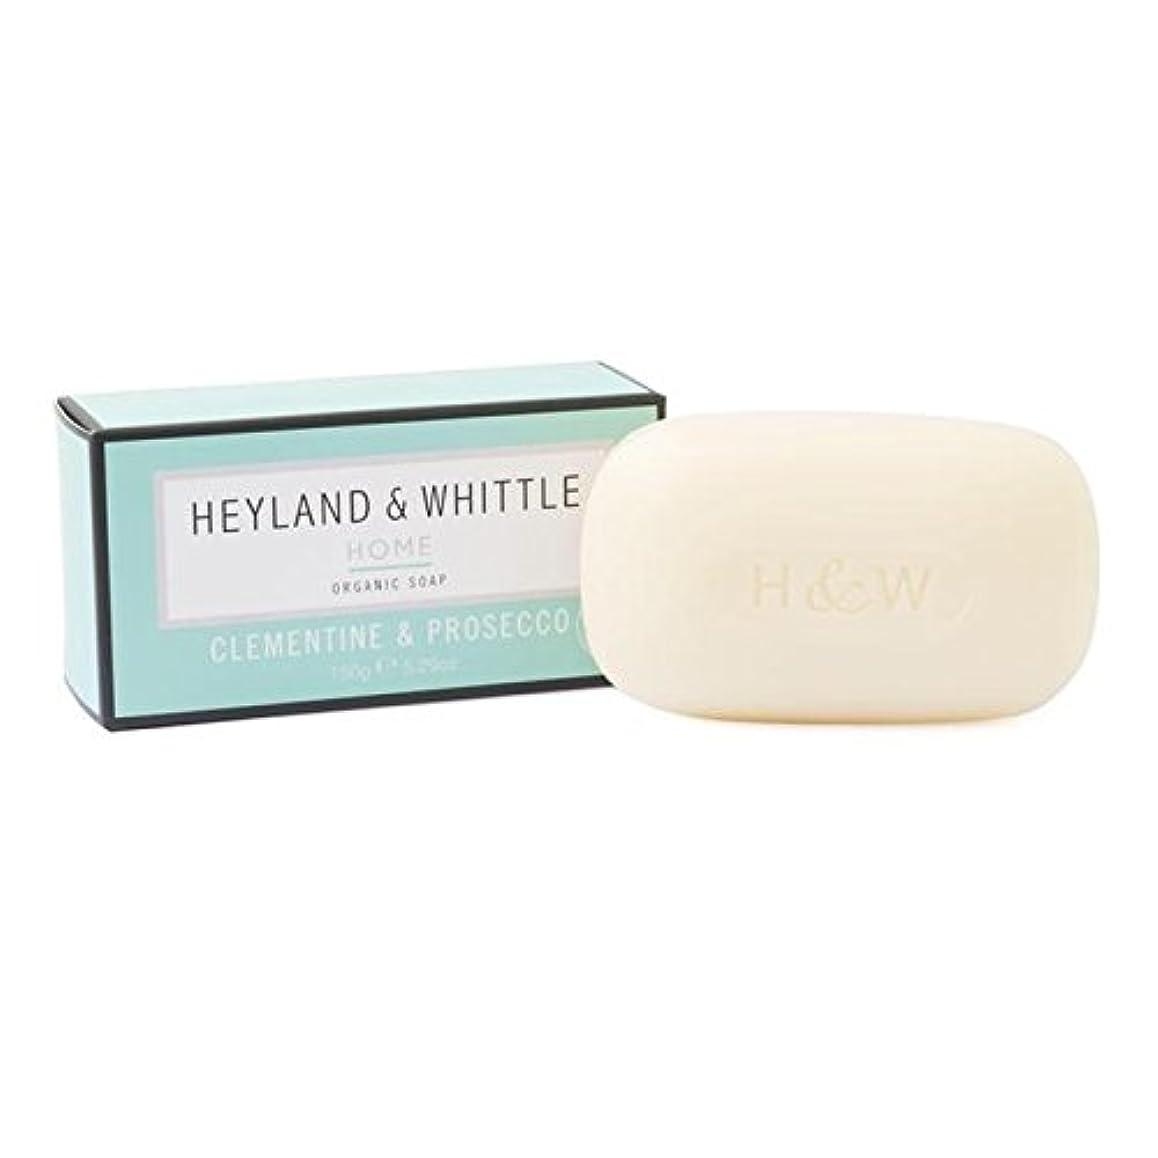 グローバル限界事実Heyland & Whittle Home Clementine & Prosecco Organic Soap 150g - &削るホームクレメンタイン&プロセッコ有機石鹸150グラム [並行輸入品]